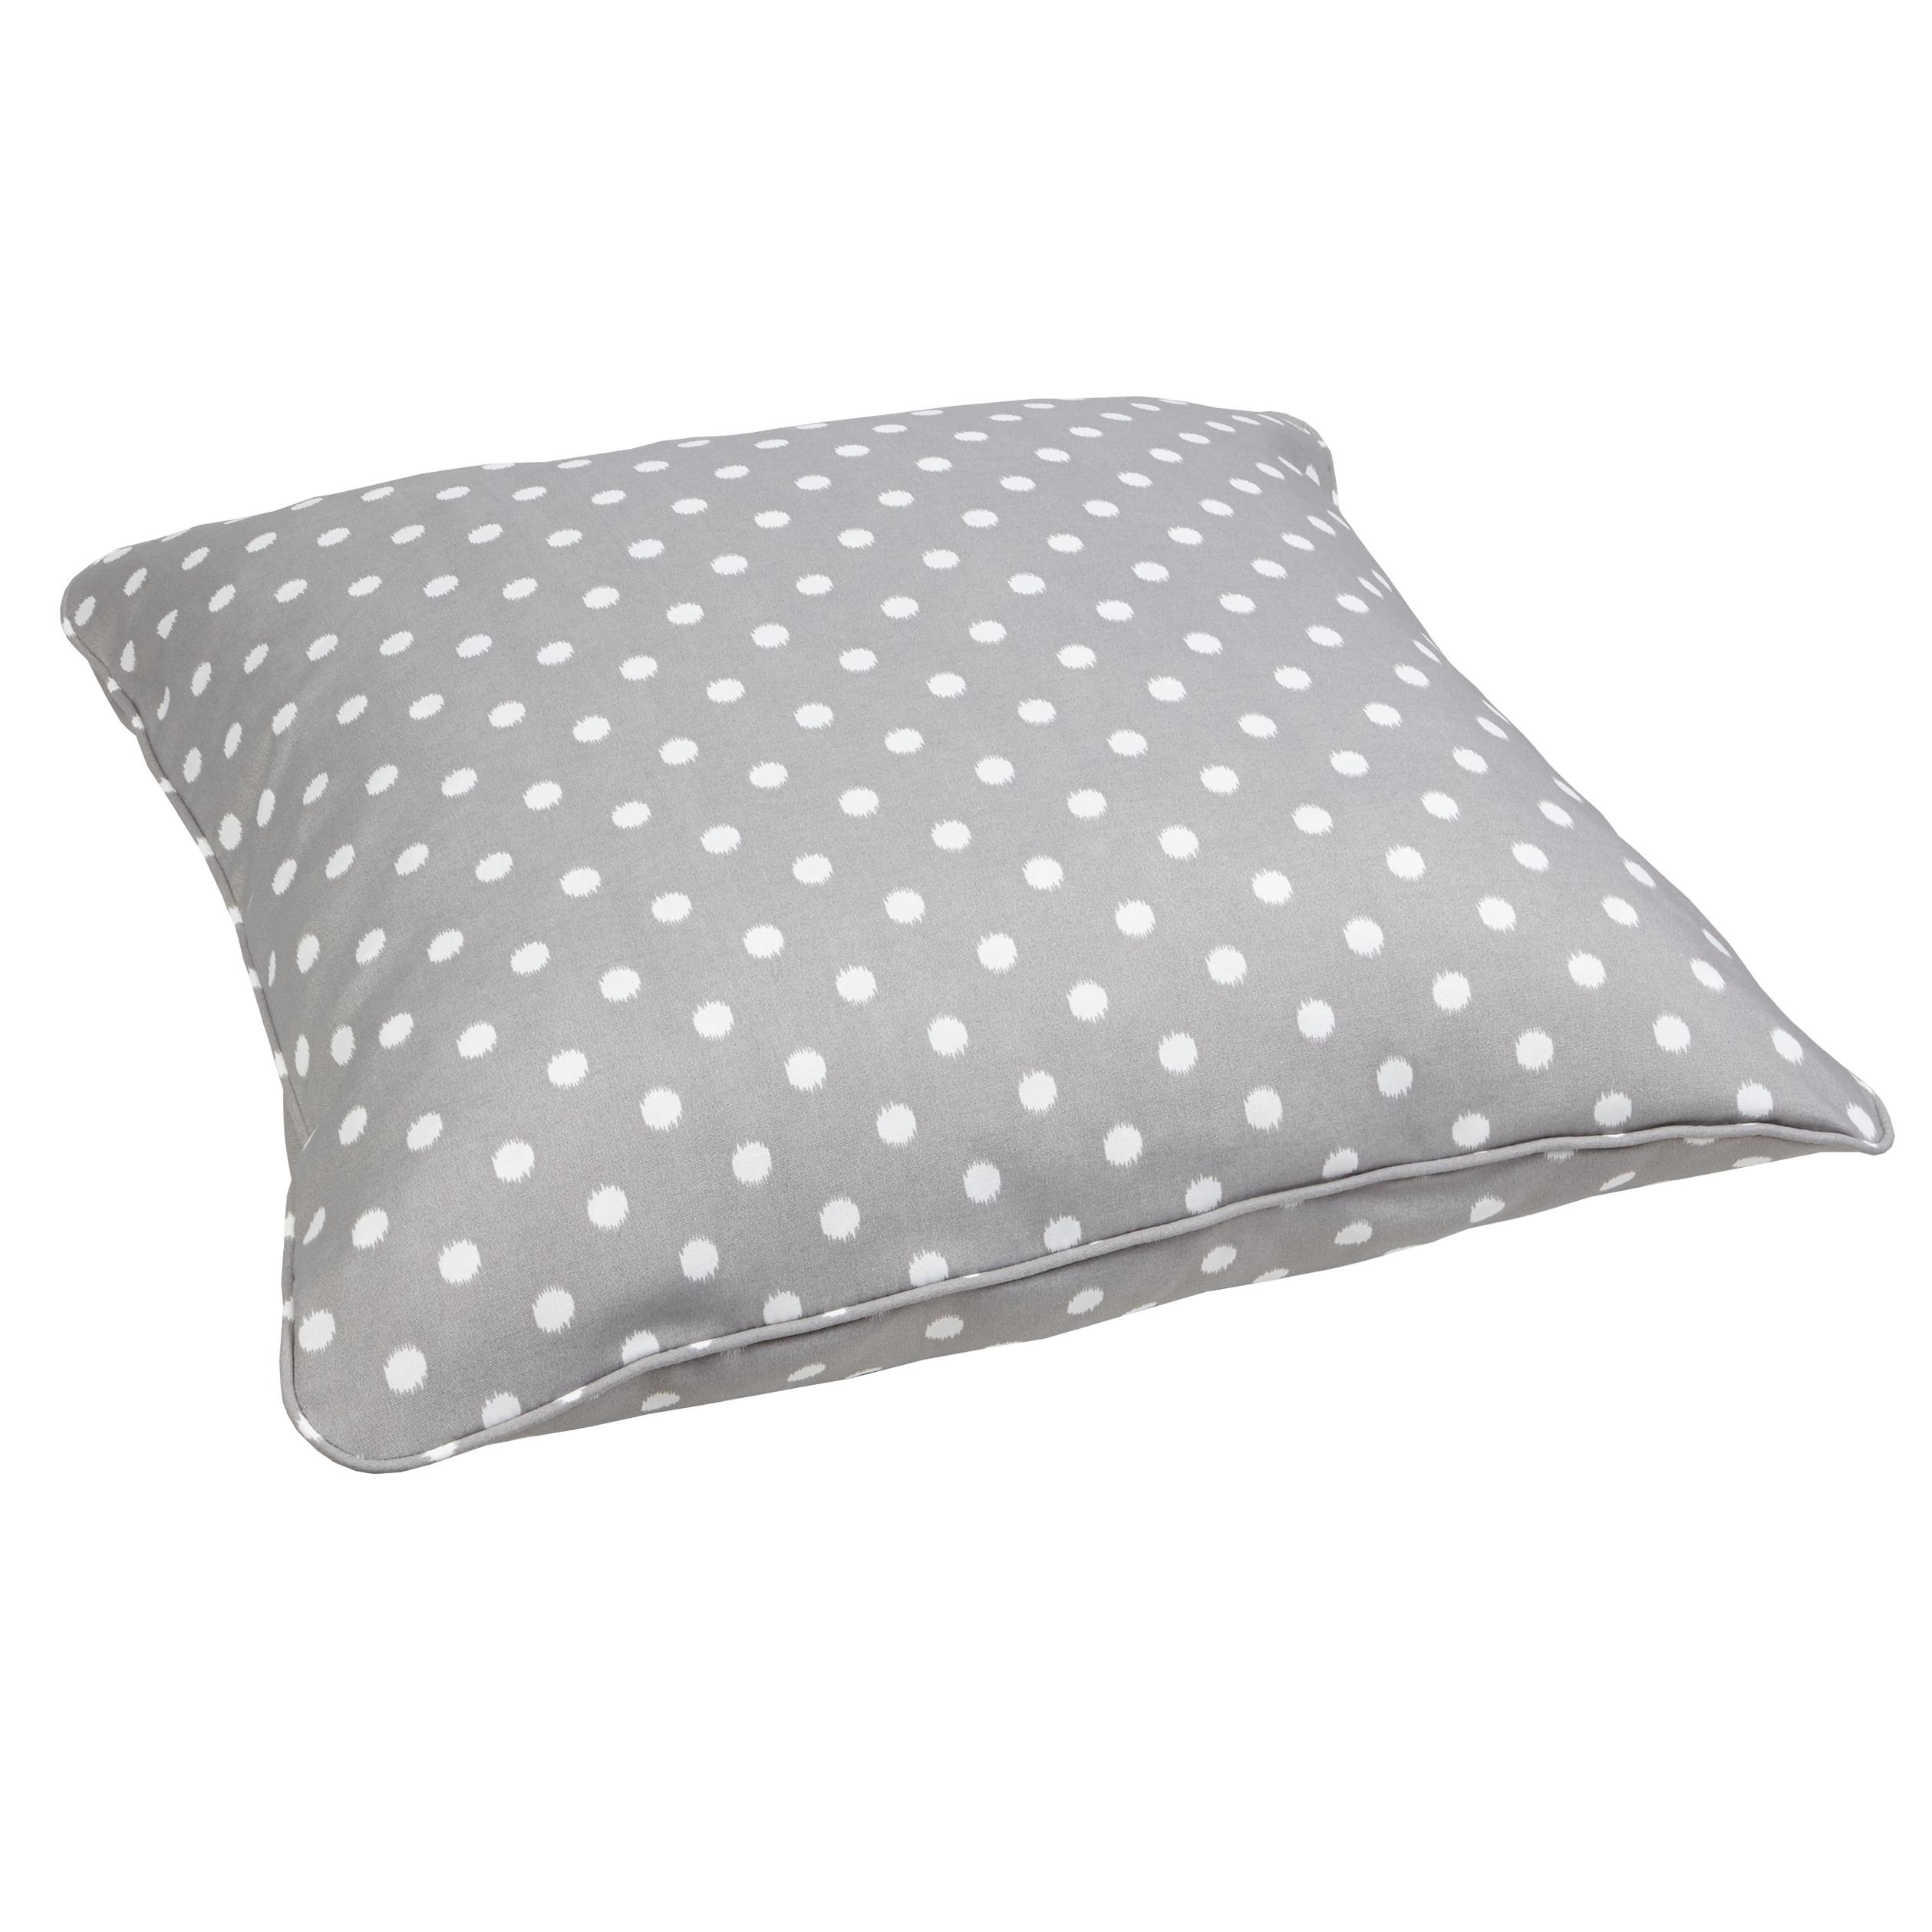 Grey Dots Corded Outdoor/ Indoor Large 26-inch Floor Pill...